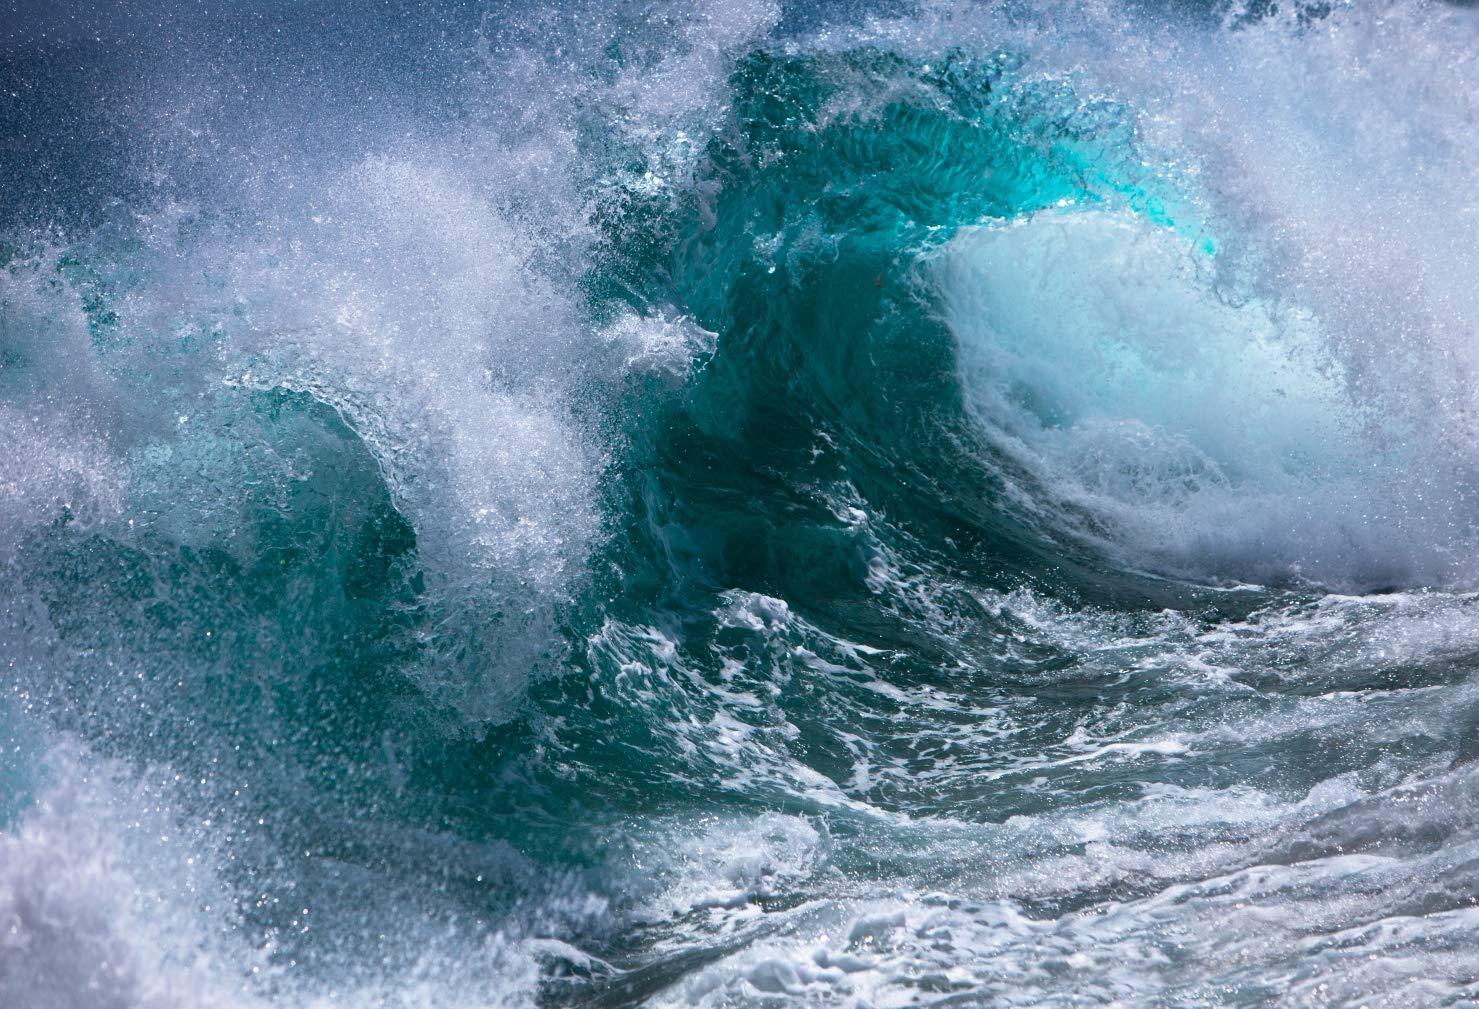 オーシャンウェーブ写真ブース背景 巨大ブルーサーフブレイク写真背景 スタジオ用 7x5フィート   B07N6DWHBL